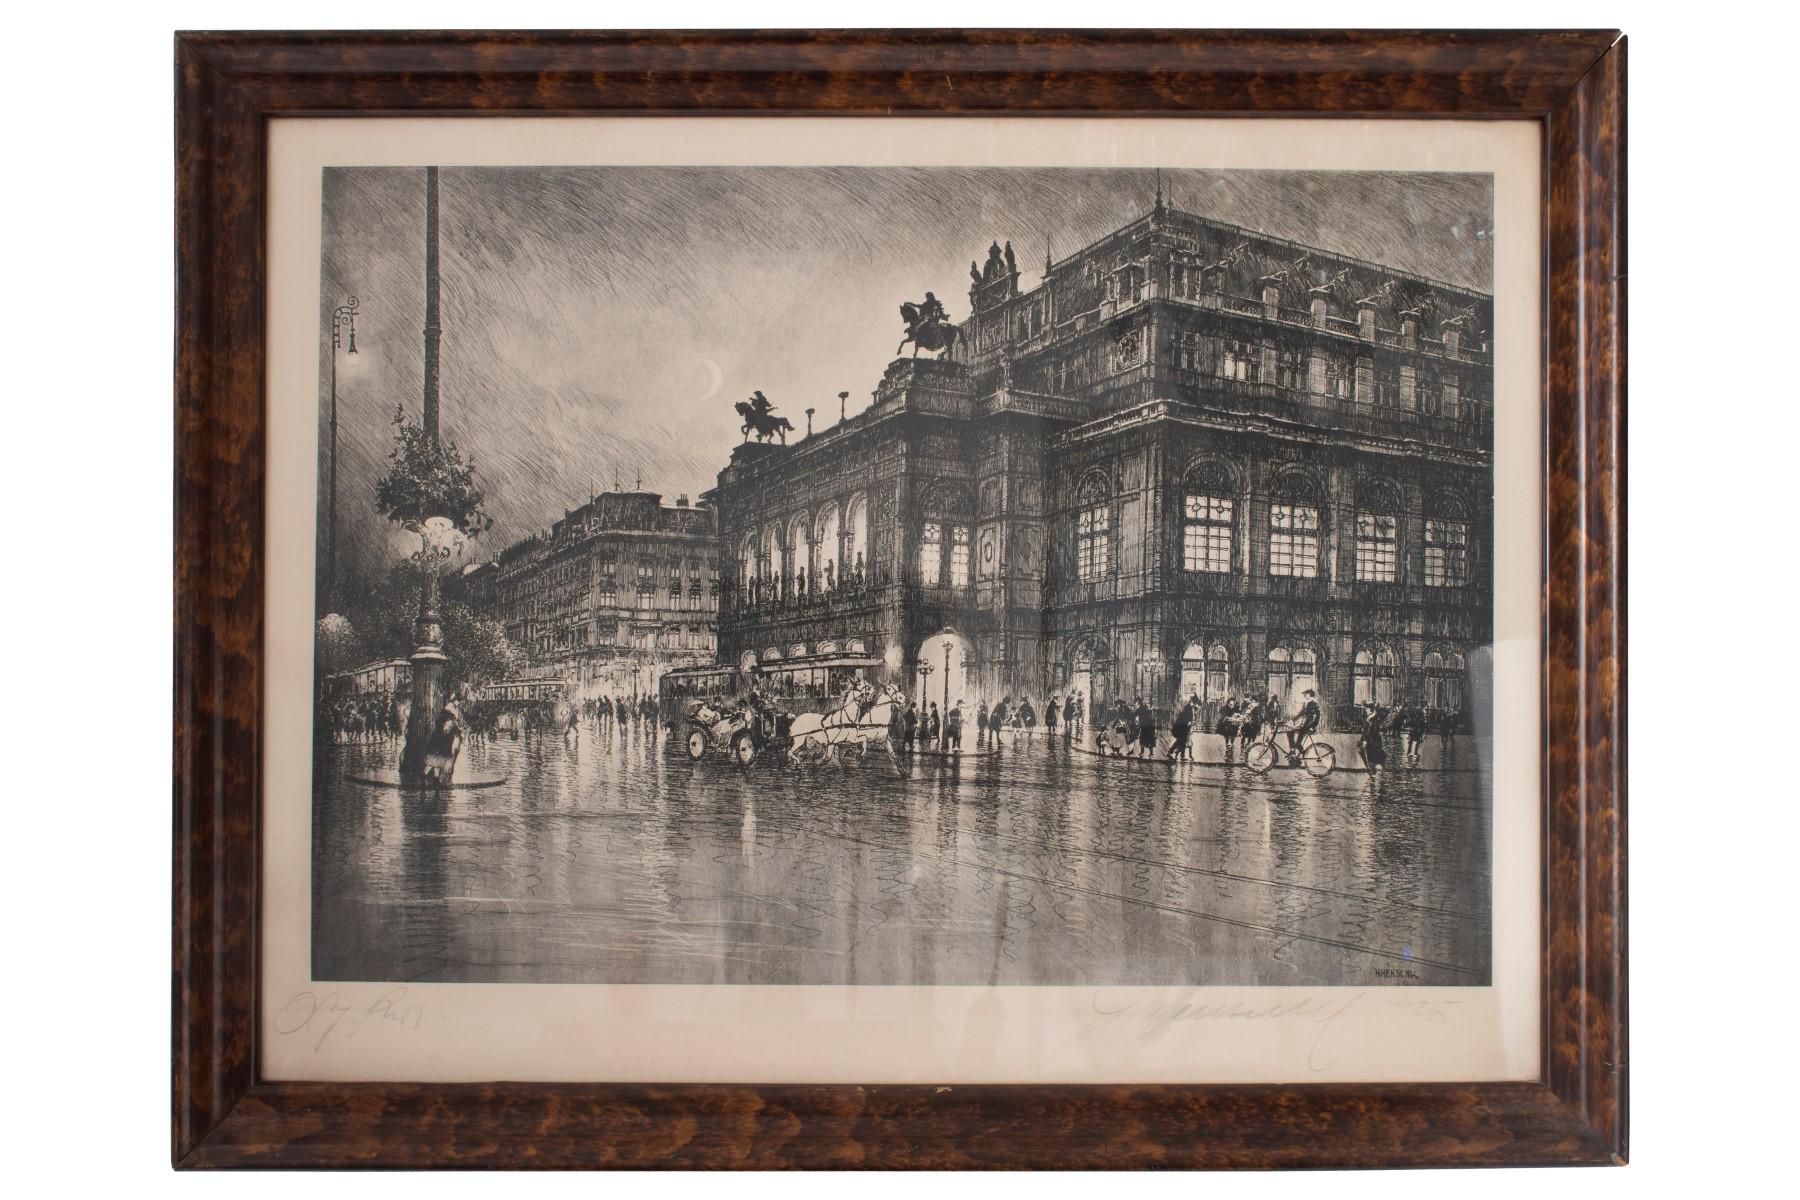 #44 Hugo Henschl (1879-1929, Vienna State Opera | Hugo Henschel (1879-1929), Staatsoper Wien Image